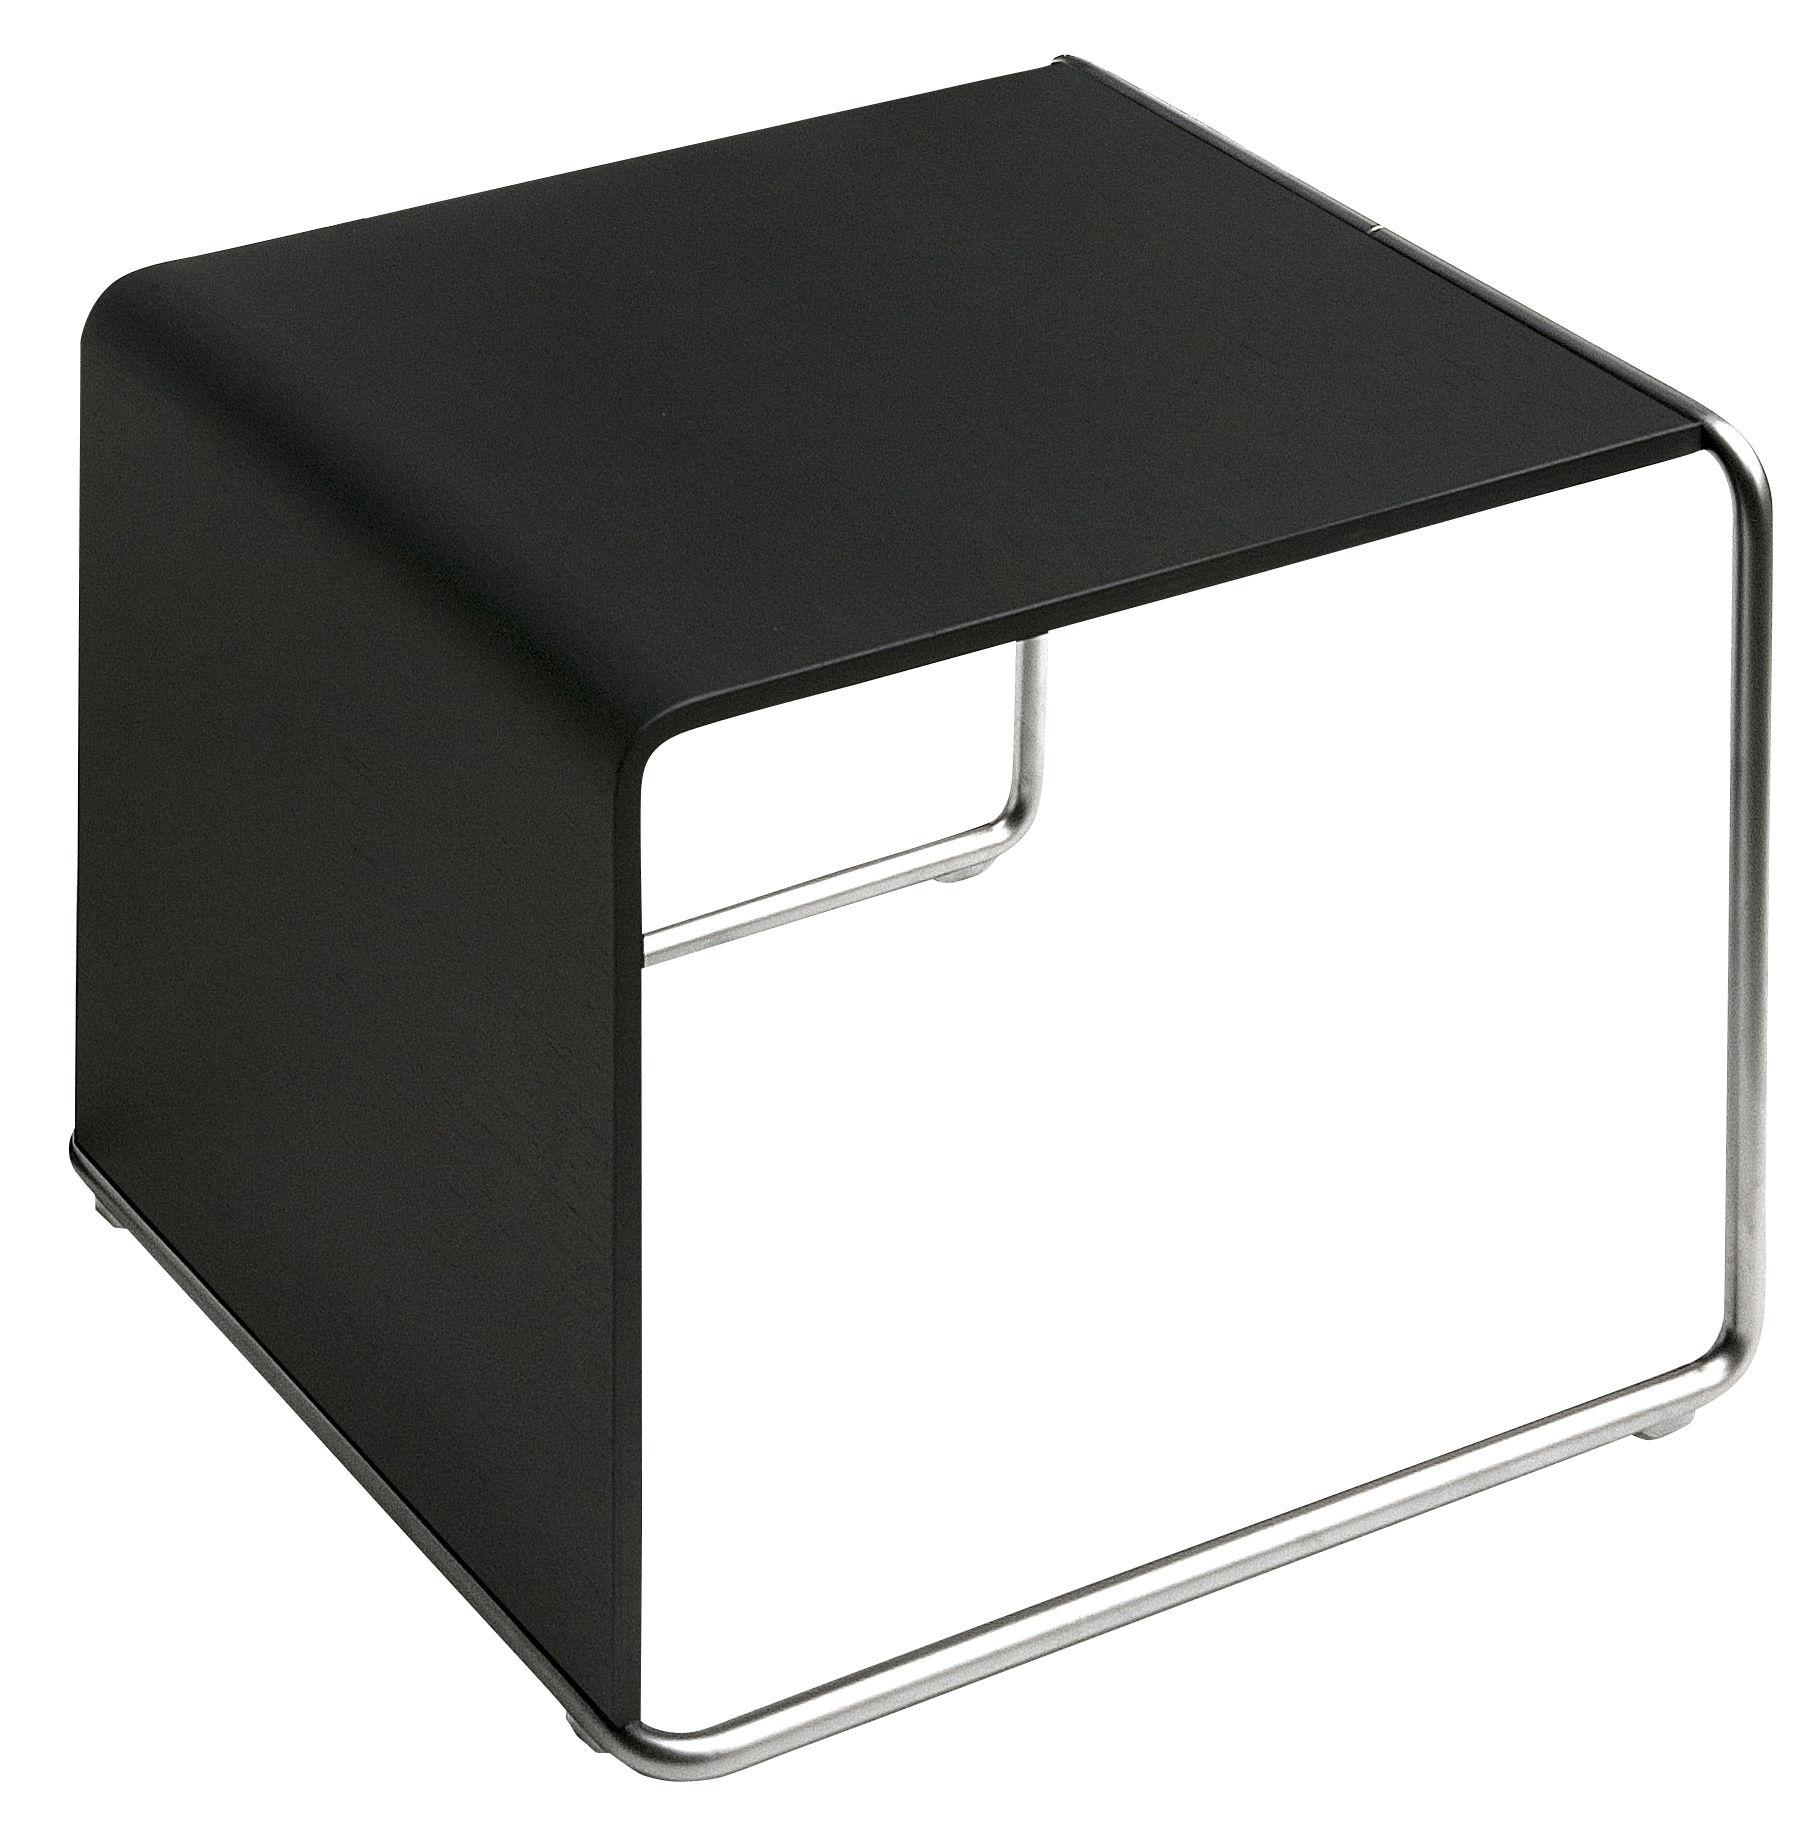 Mobilier - Tables basses - Table d'appoint Ueno / Bois - Lapalma - Noir pore ouvert - Acier inoxydable sablé, Chêne